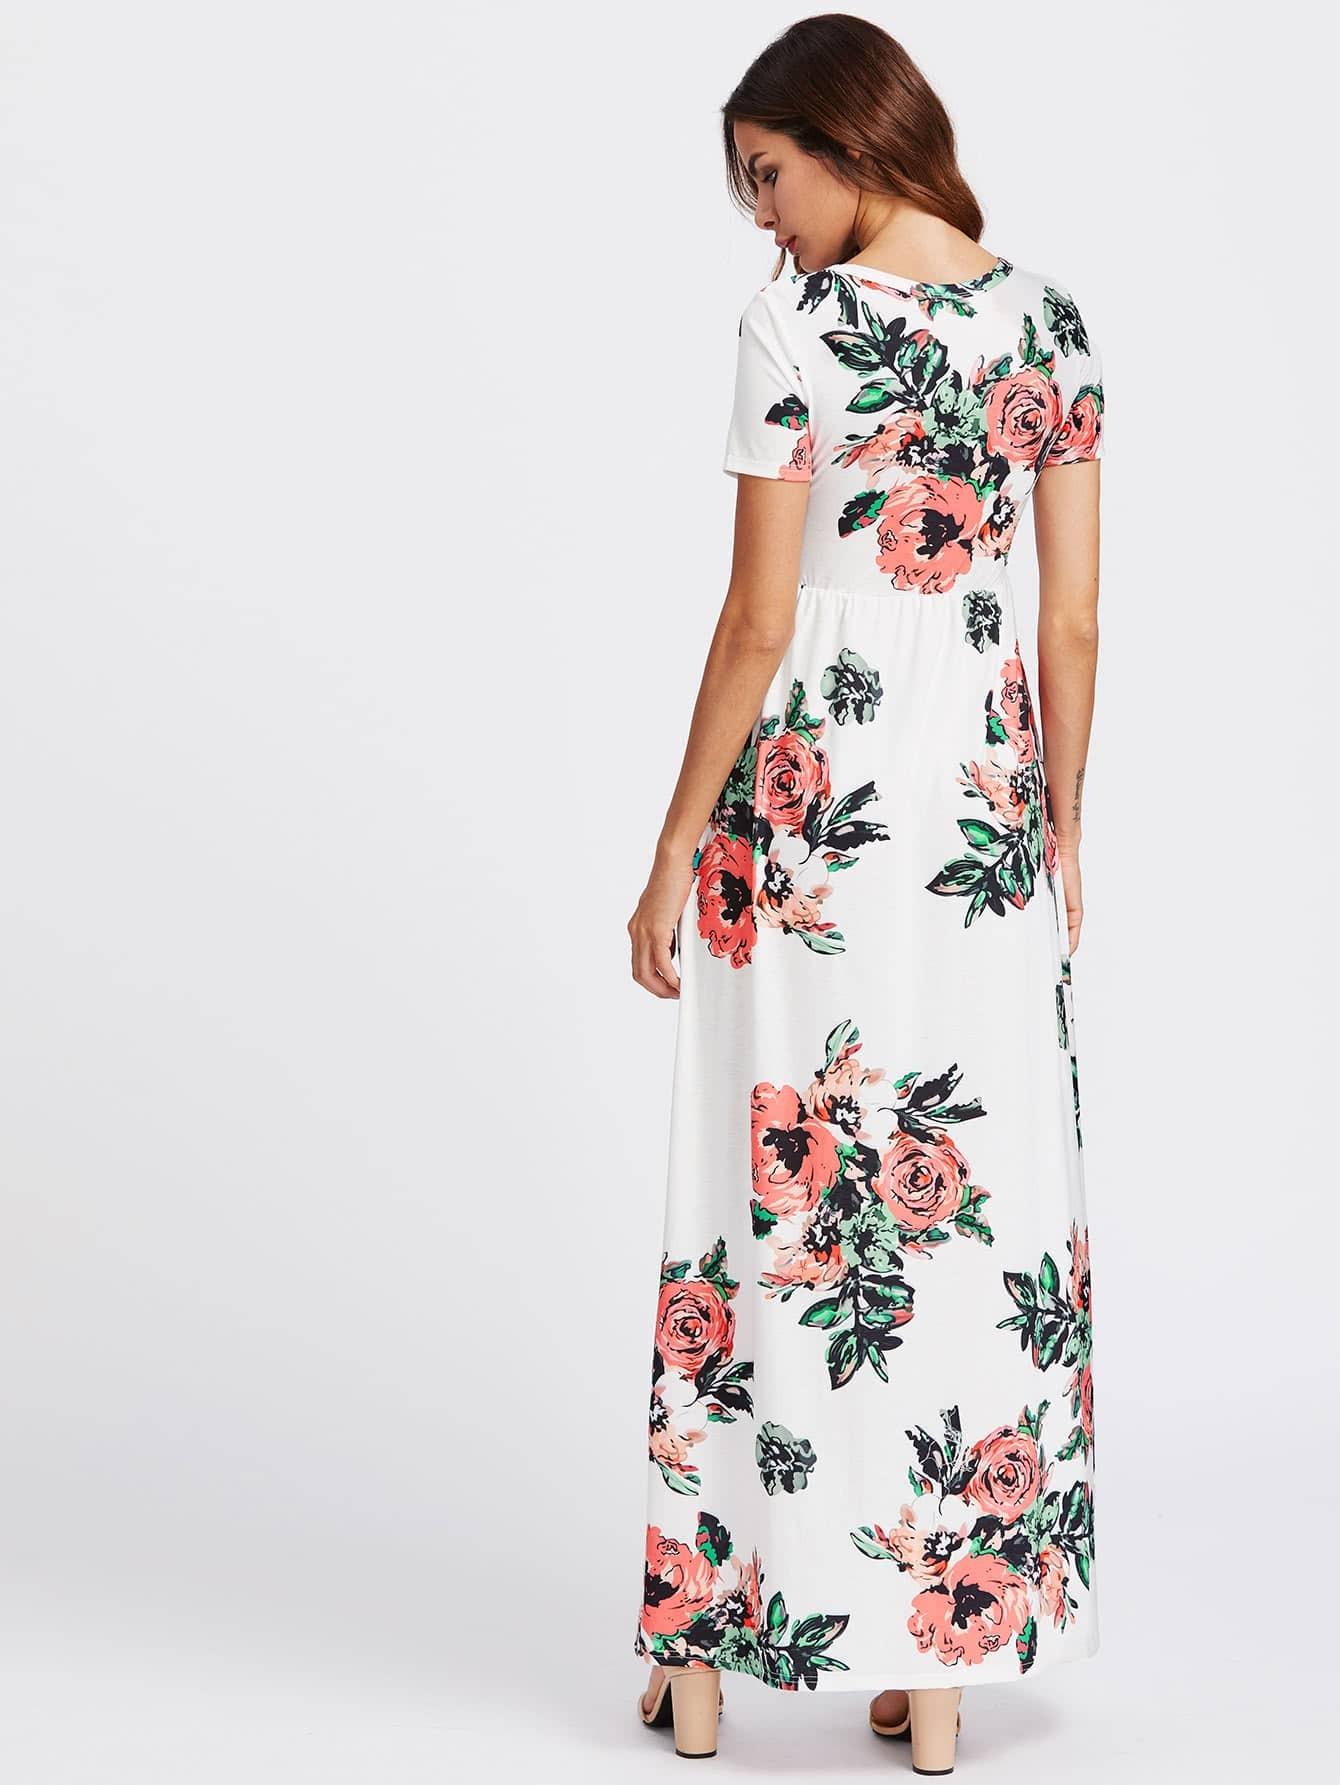 Flower Print Hidden Pocket Side Empire Waist Dress